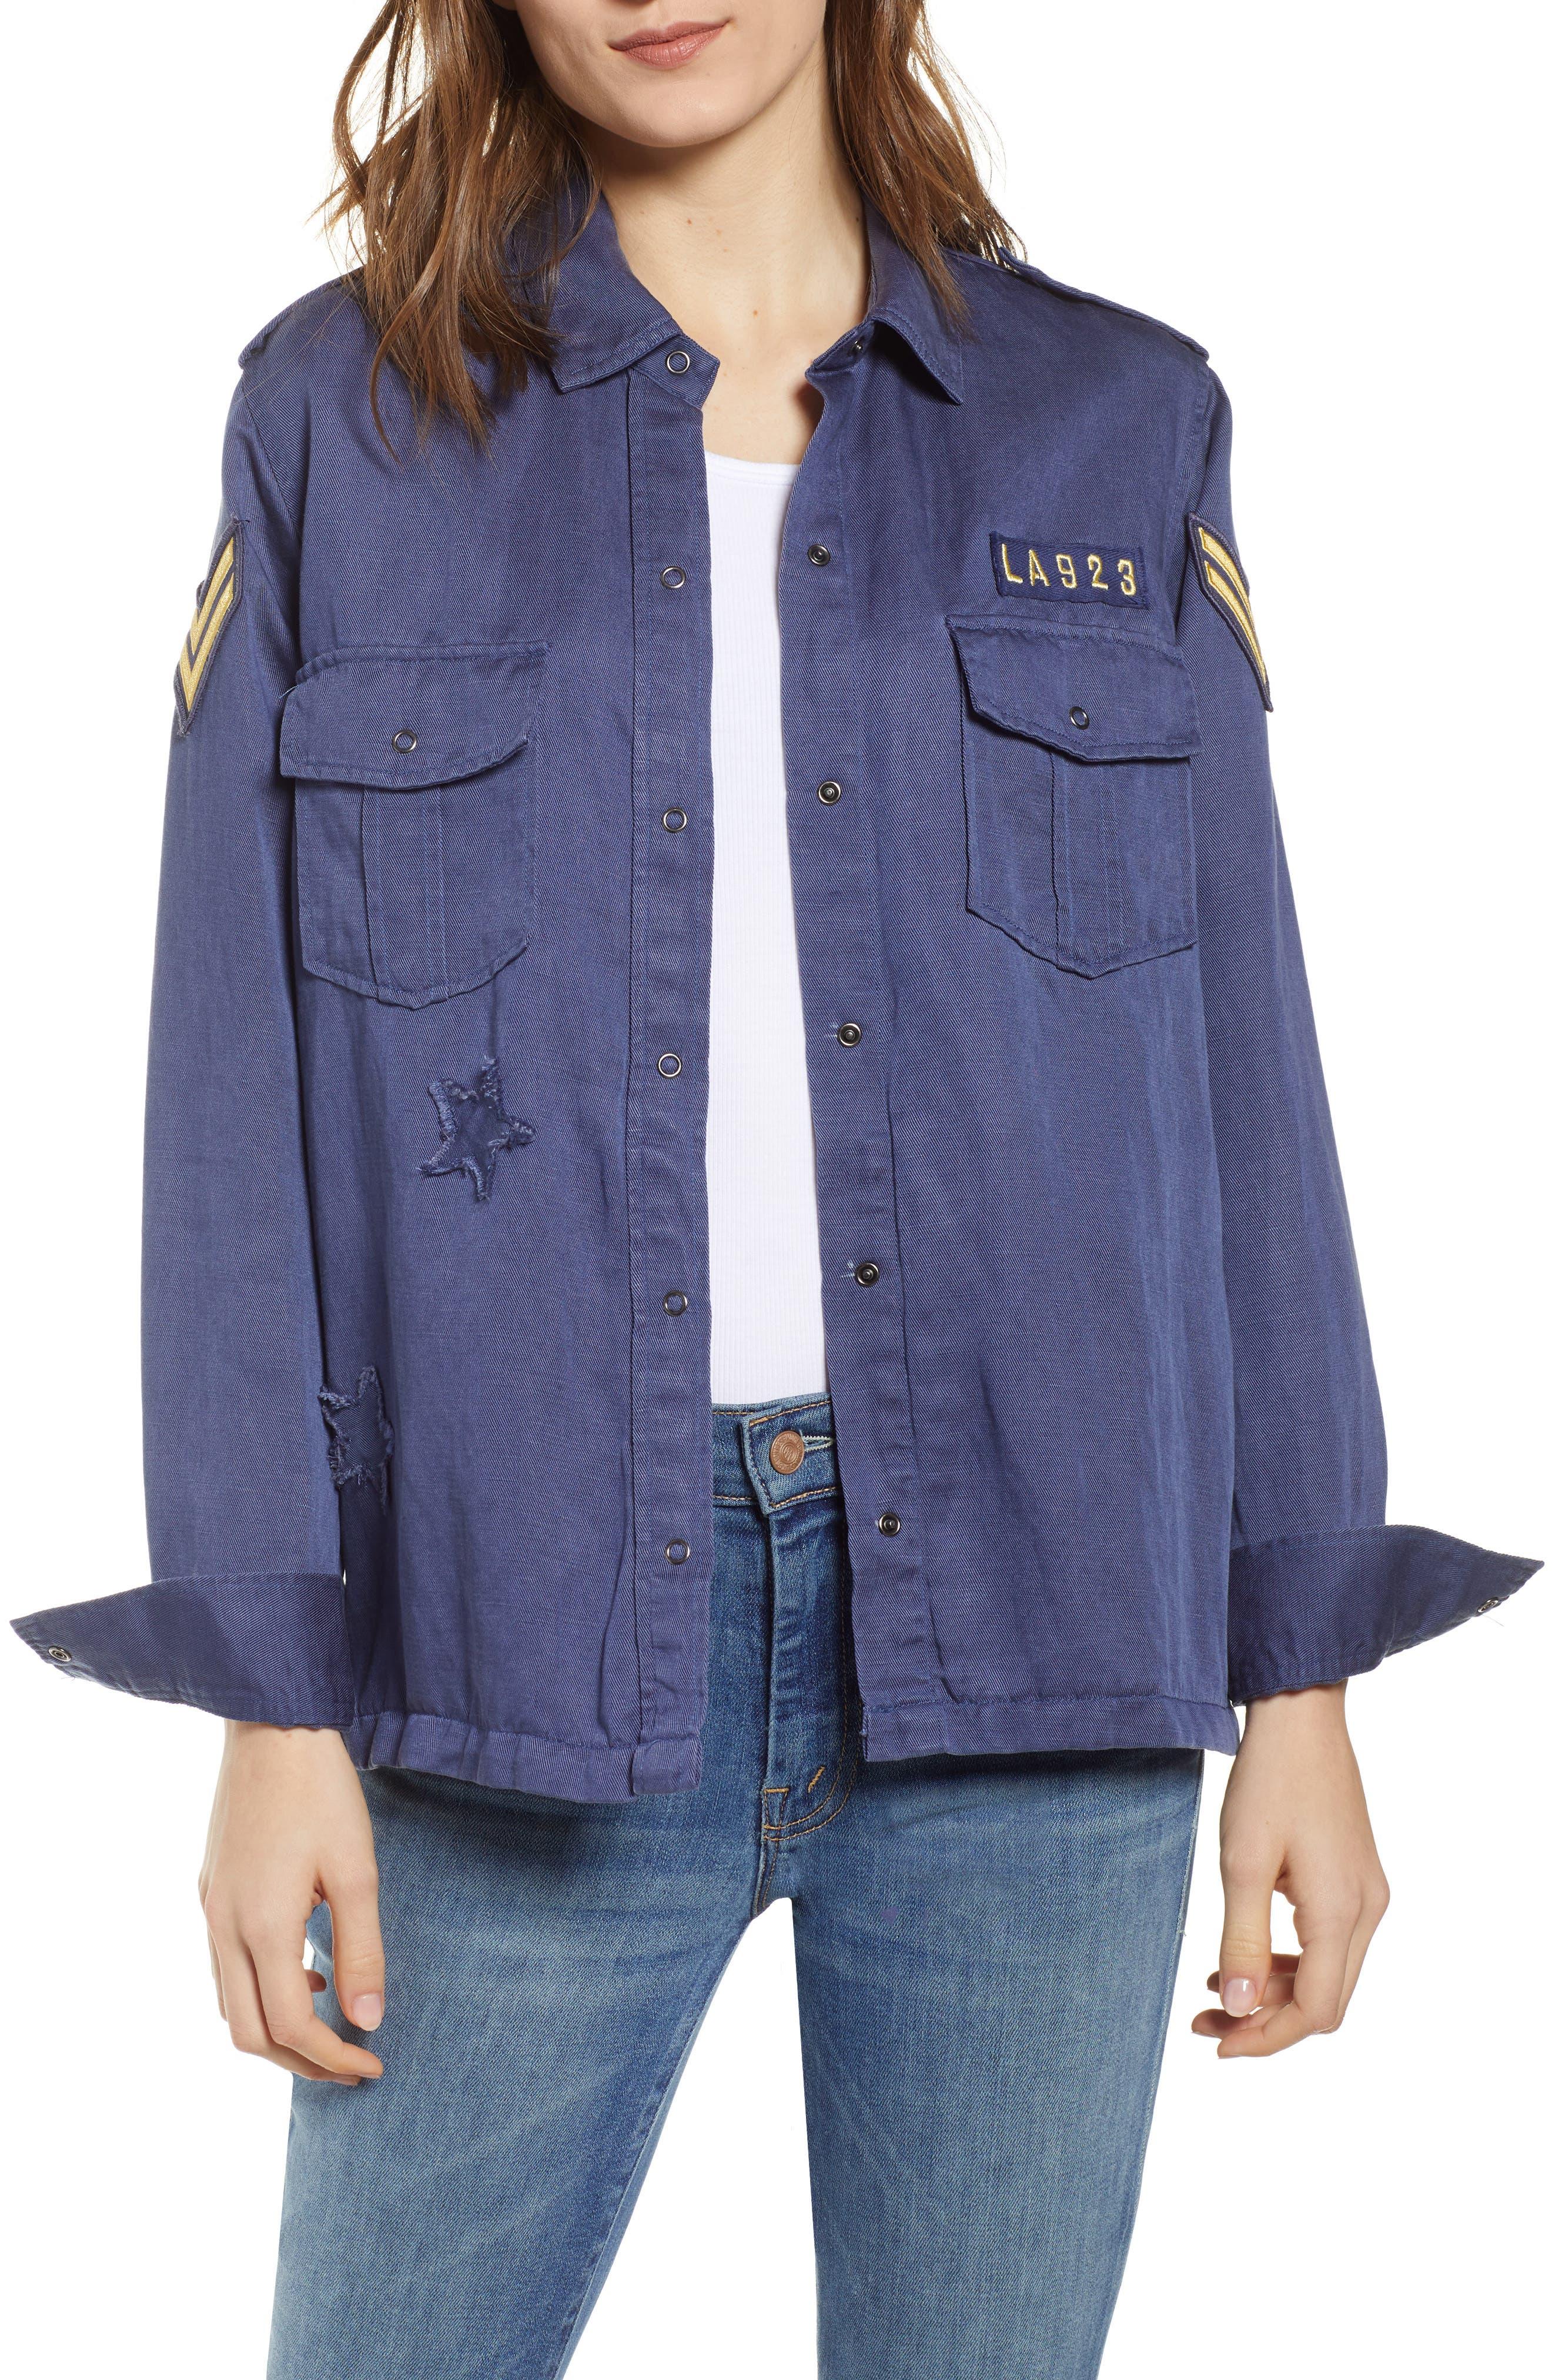 Kato Military Shirt,                             Main thumbnail 1, color,                             TOKYO BLUE